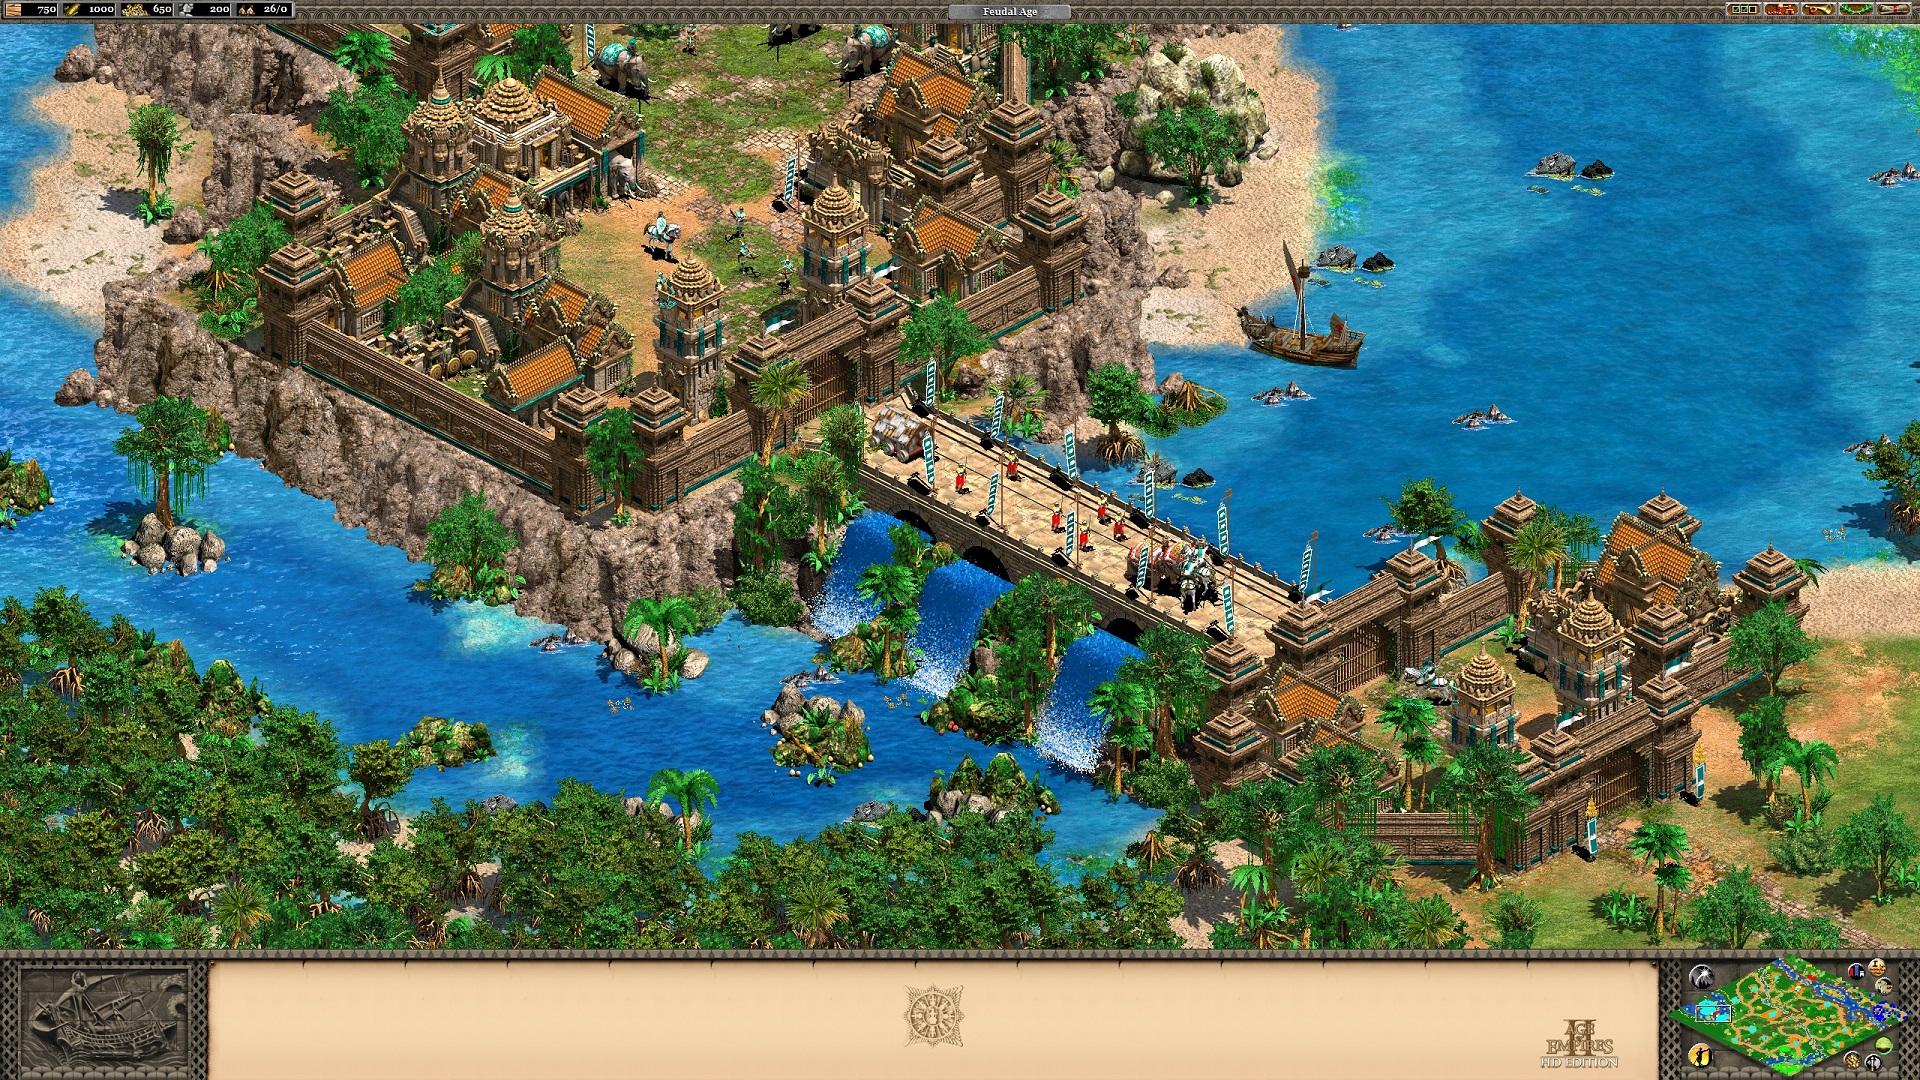 Tự hào Sử Việt, Lê Lợi xuất hiện trong game Age of Empires II HD: Rise of  the Rajas